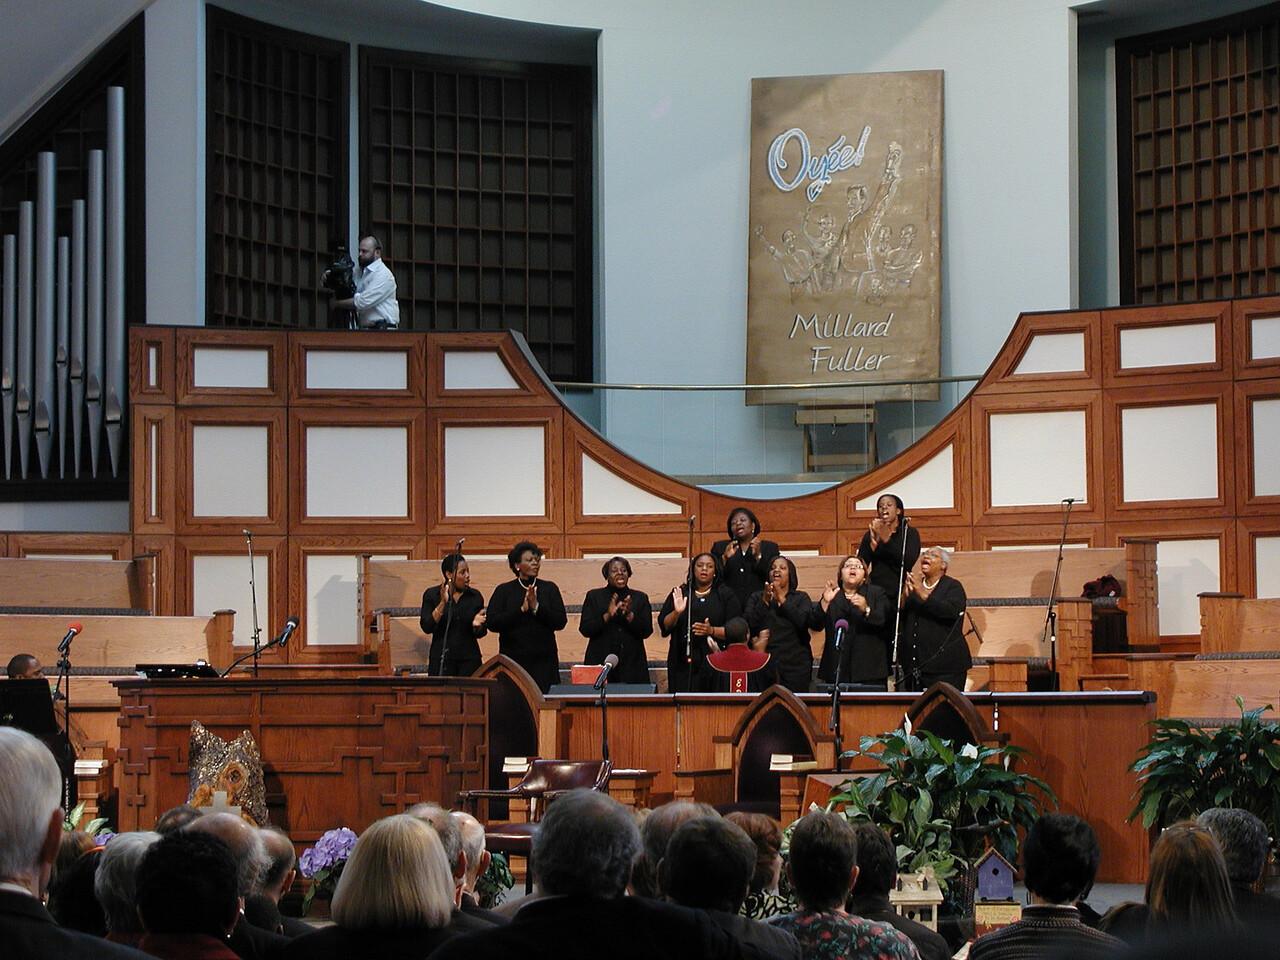 The choir was spectacular.